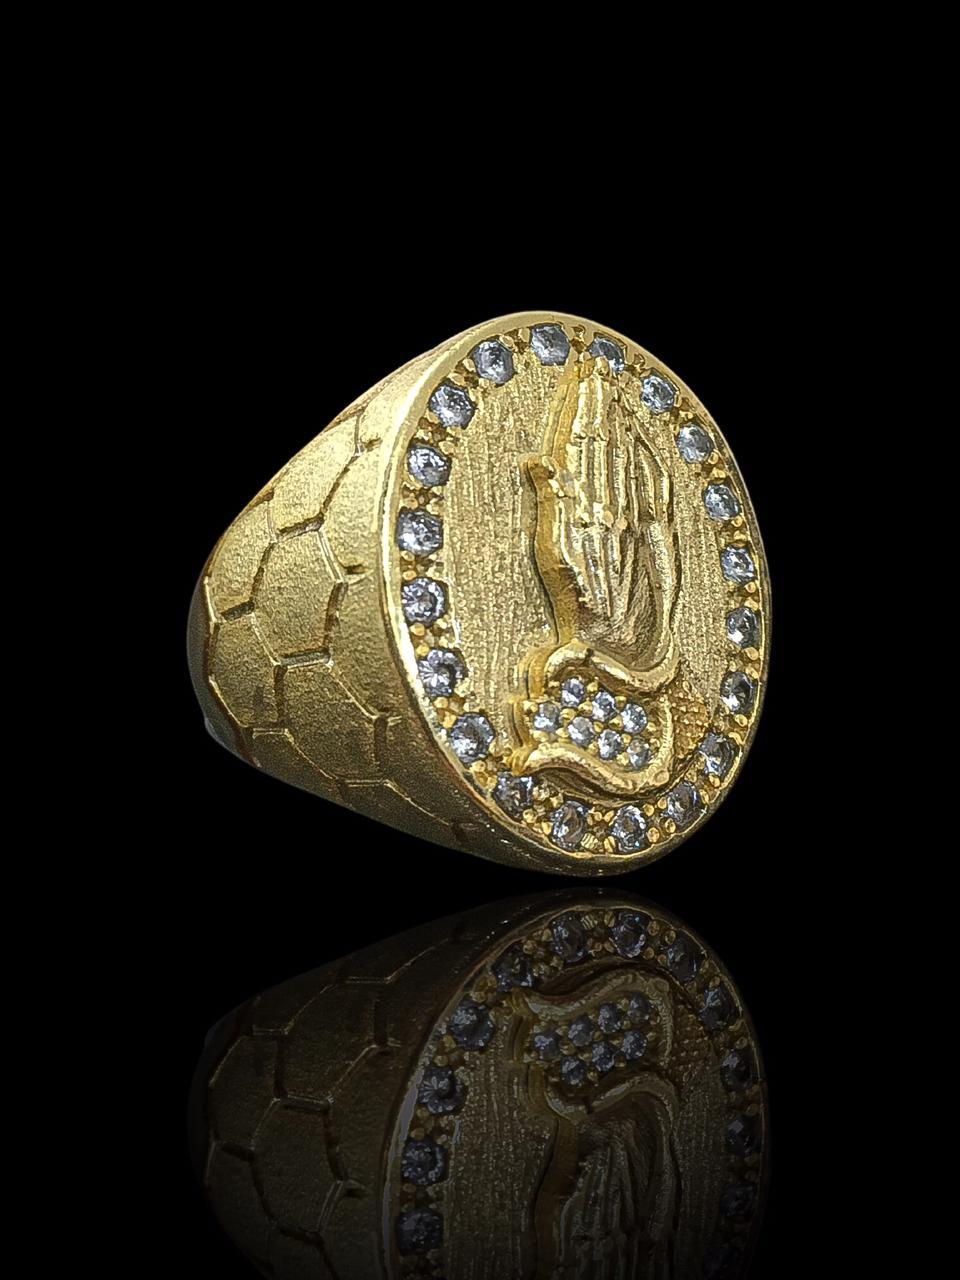 Anel masculino - Oval com Mãos Rezando - Borda cravejada de Zircônia - Detalhes nas laterais - banhado a ouro 18K -  14 g (prazo de 7 dias para a fabricação  )